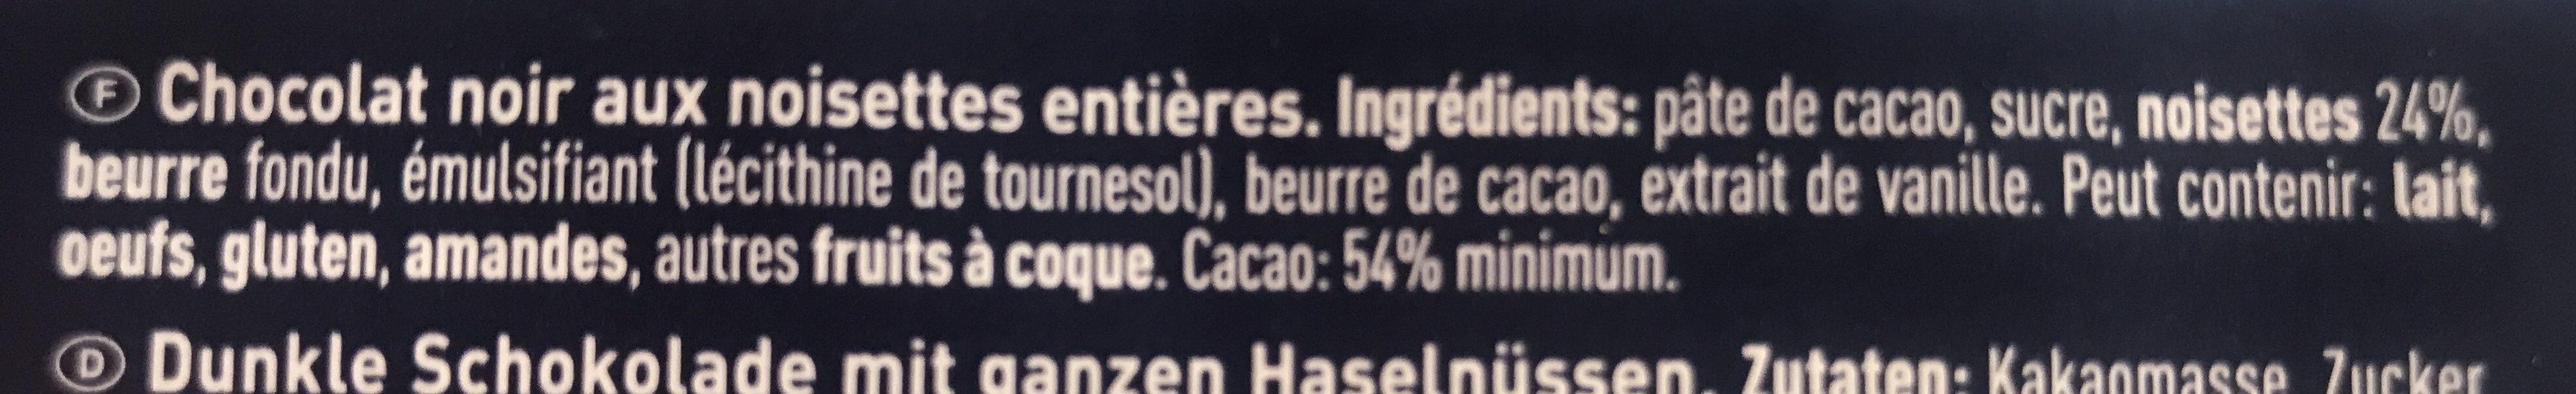 Chocolat noir aux noisettes entières - Ingredients